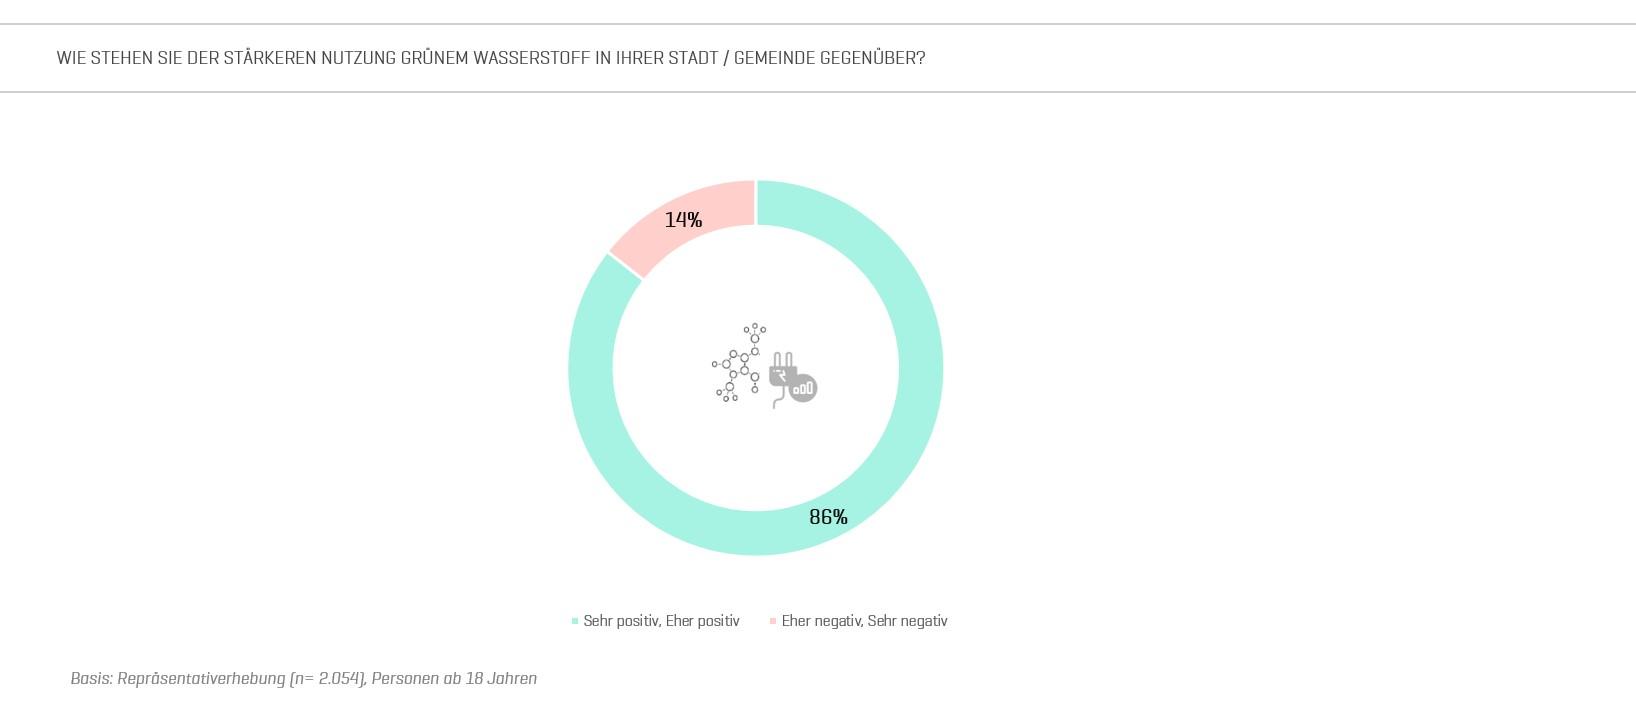 Abbildung 3: Repräsentatives Meinungsbild zur lokalen Akzeptanz von Grünem Wasserstoff (Quelle: Fraunhofer IAO)